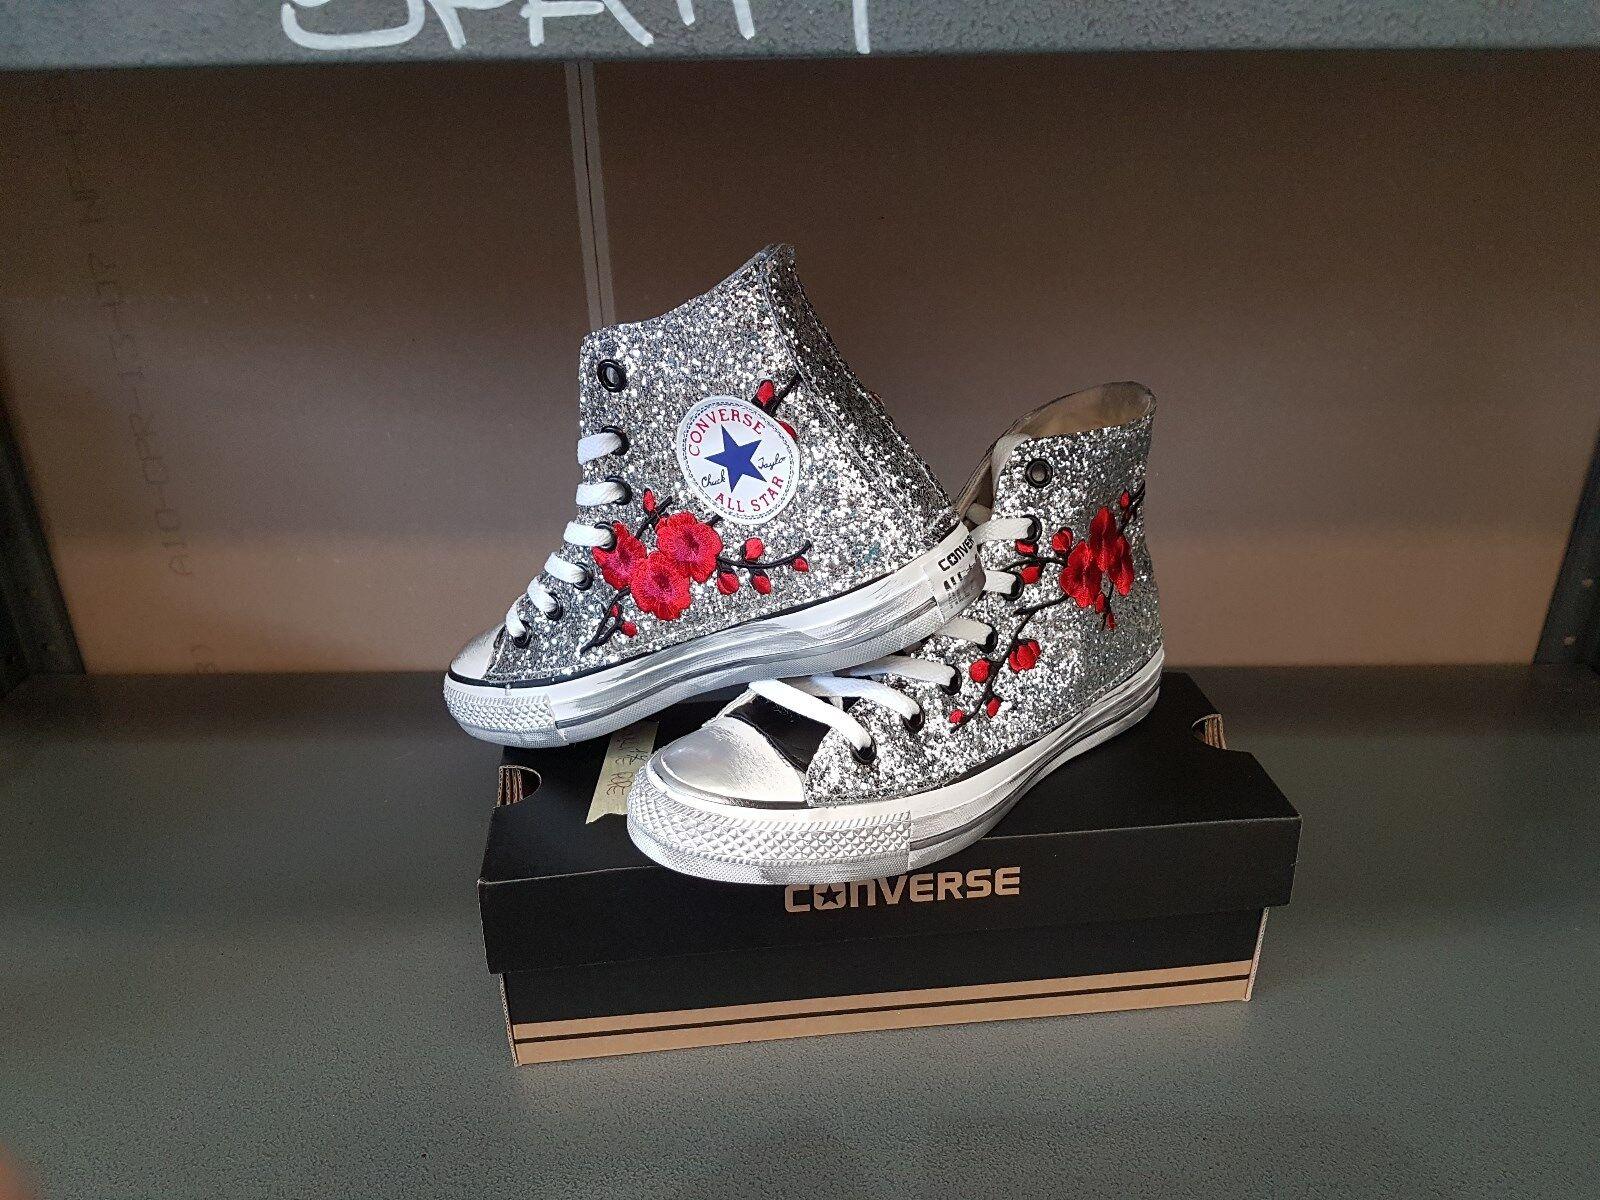 Converse all star  personalizzata personalizzata personalizzata con glitter argentoo peach linguetta nera e spo 5956d7